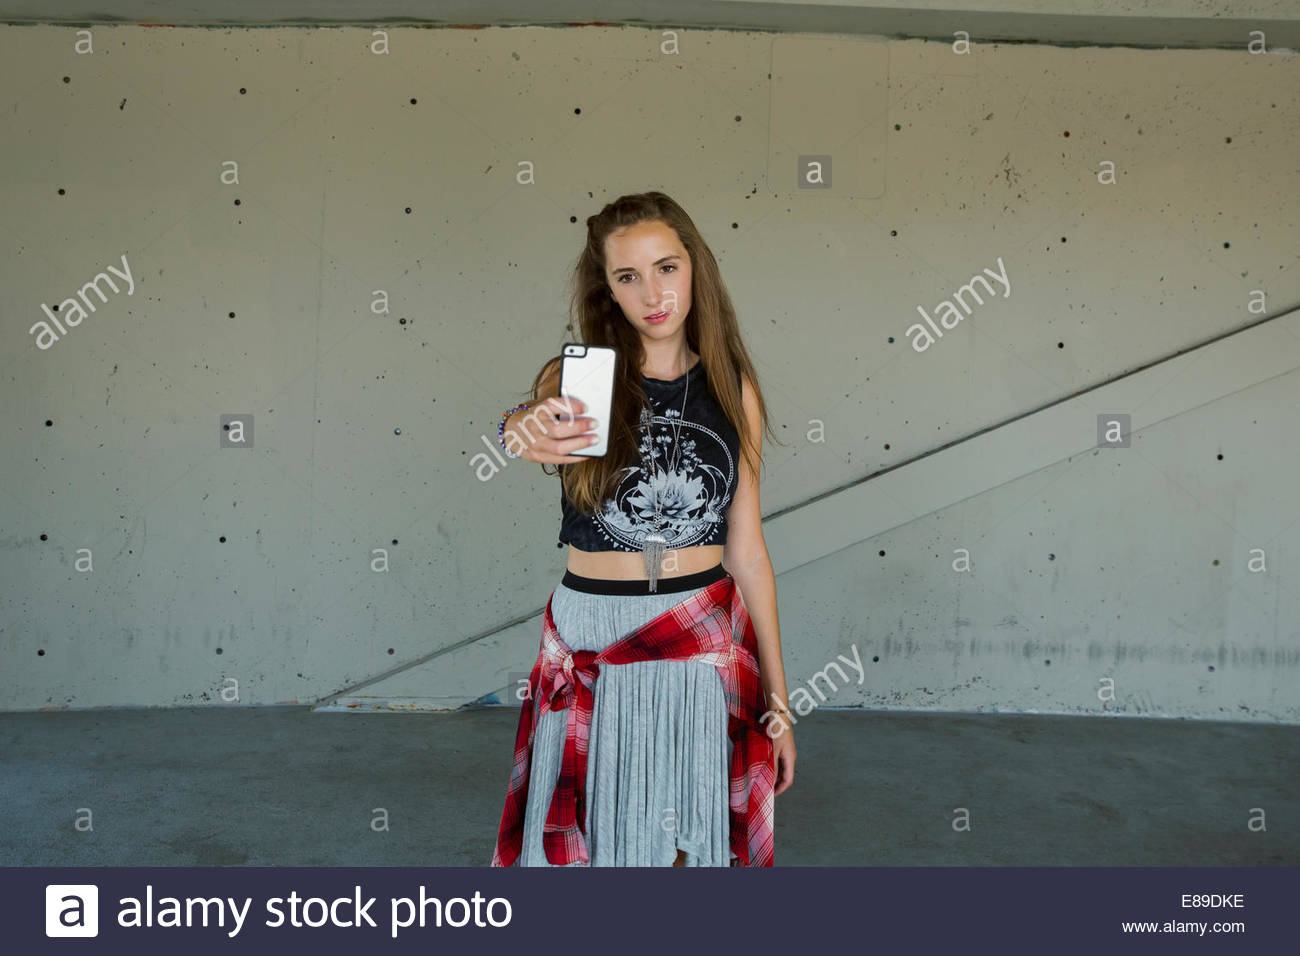 Coole Teenager Mädchen Nehmen Selfie Mit Kamera Handy Stockfoto